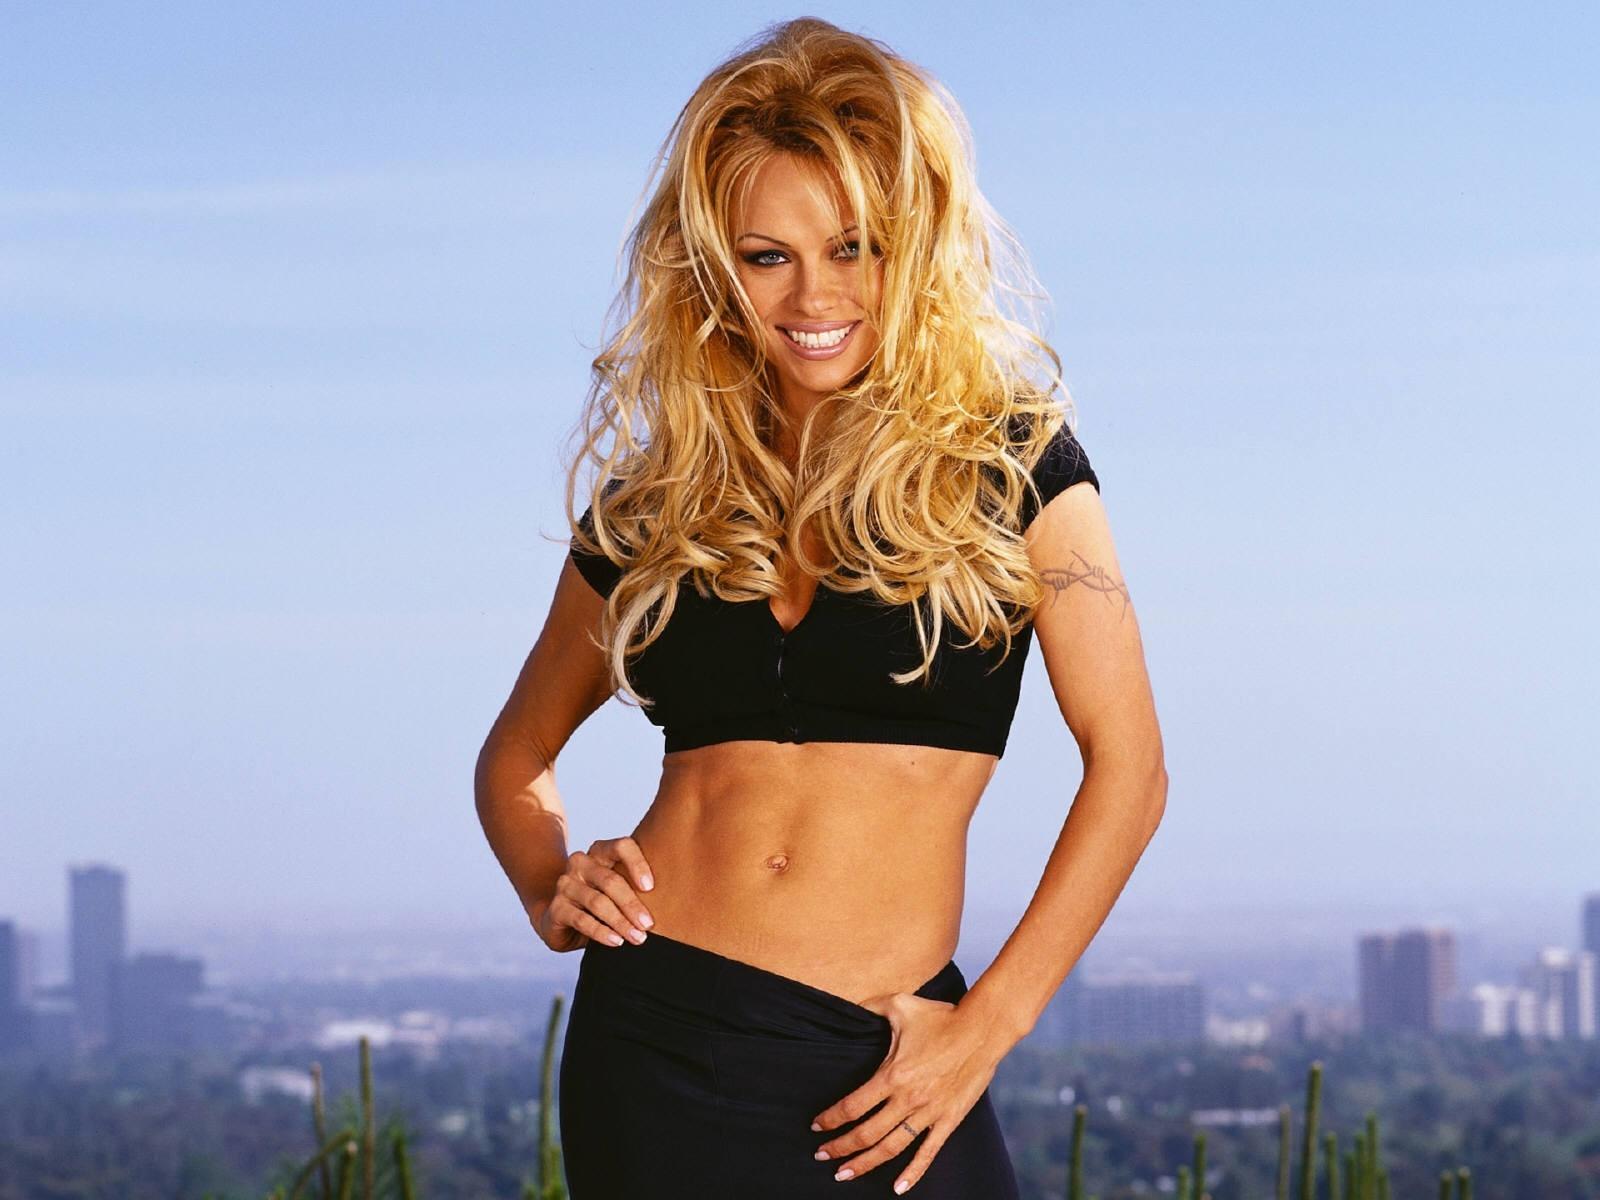 Wallpaper di Pamela Anderson bomba sexy dello showbiz americano